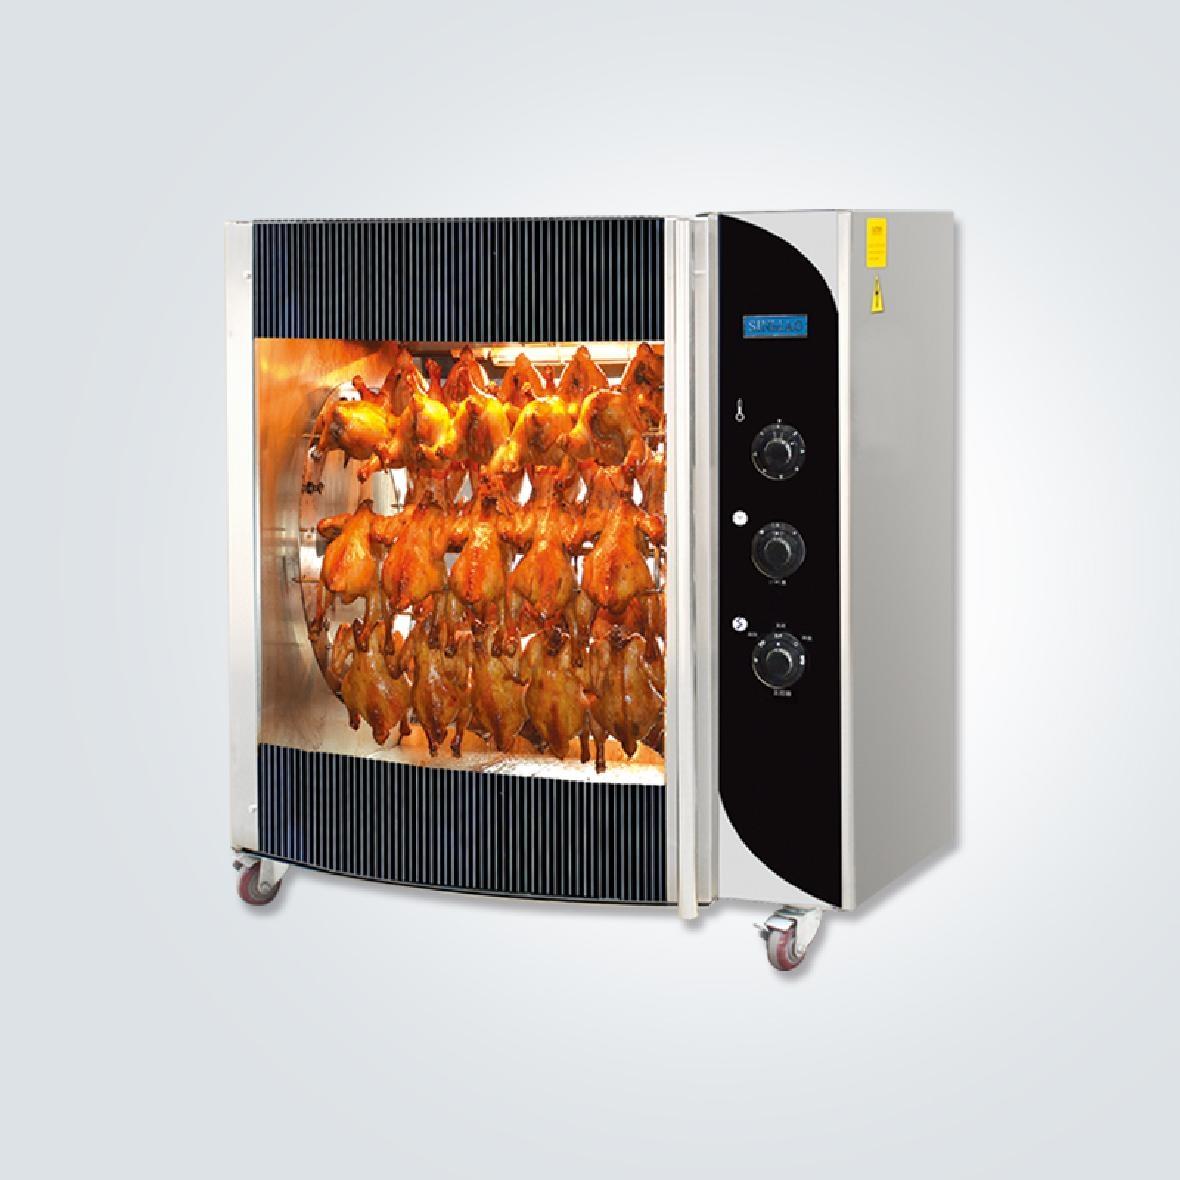 雙開門烤雞爐 SR7-PTM (手動)